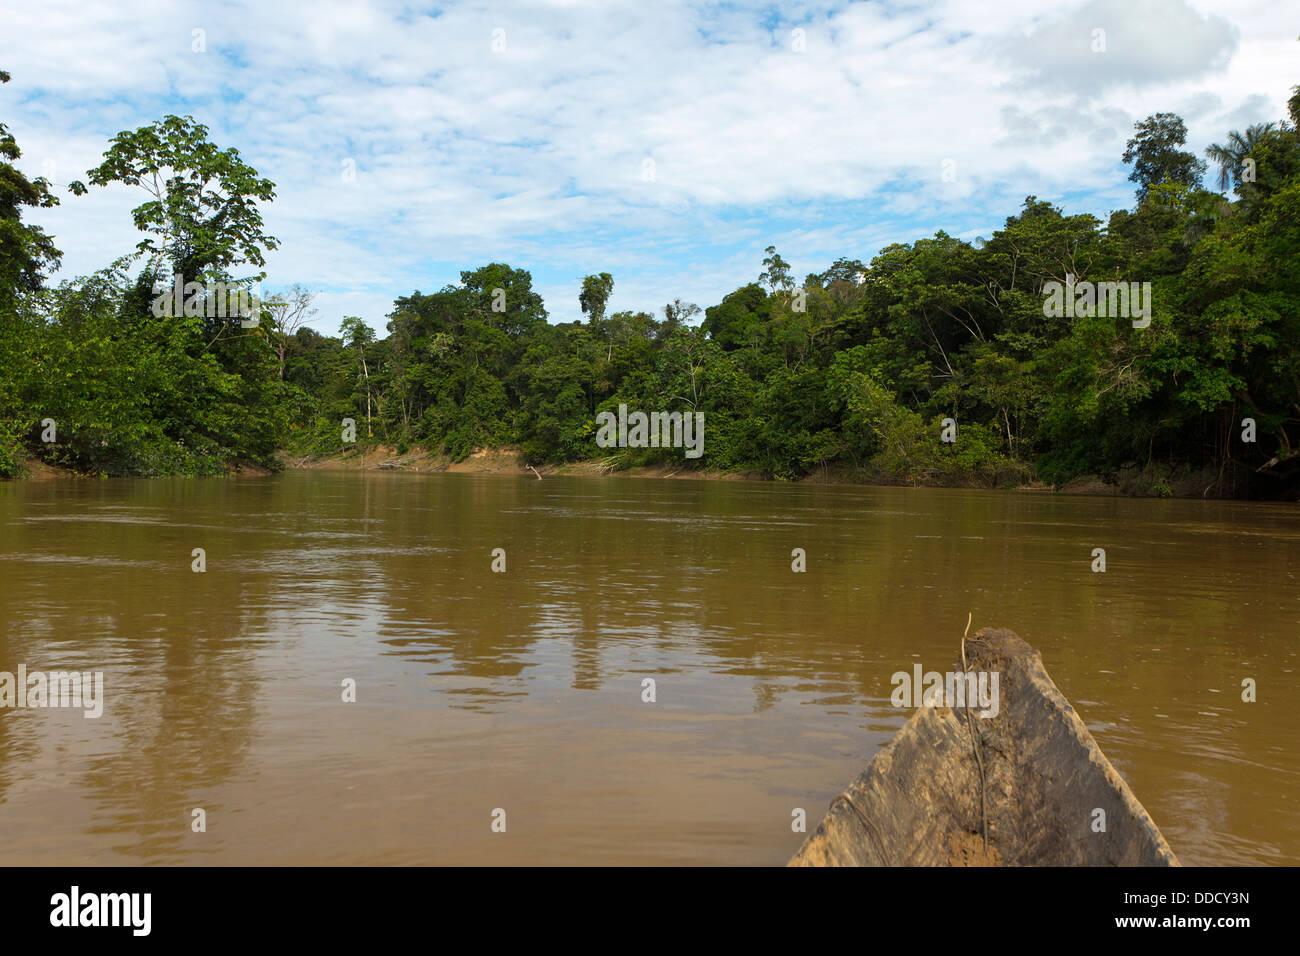 Drifting down the Rio Cononaco, deep in the Ecuadorian Amazon in a dugout canoe - Stock Image